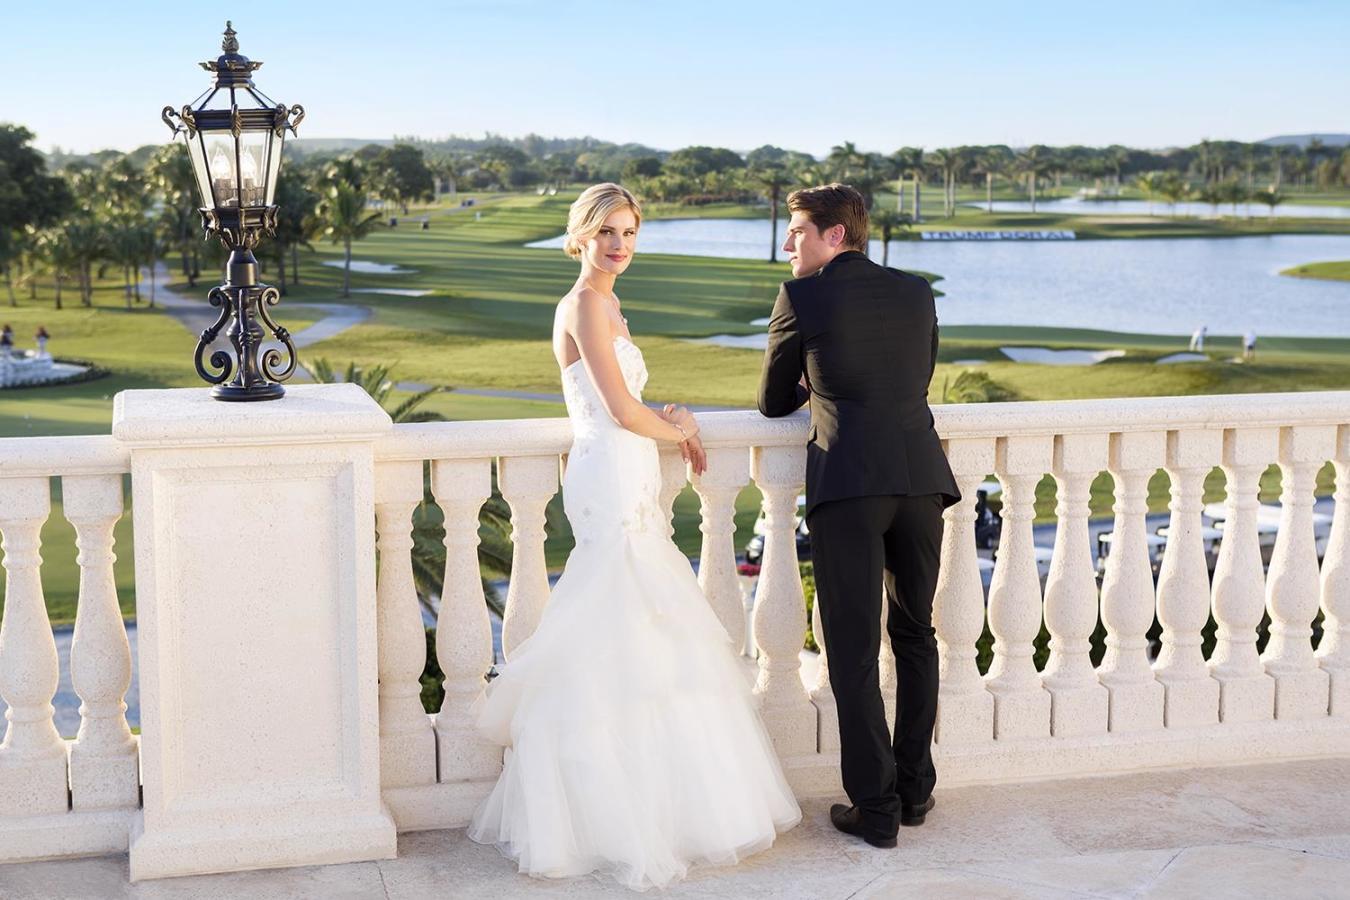 Weddings at Trump National Doral